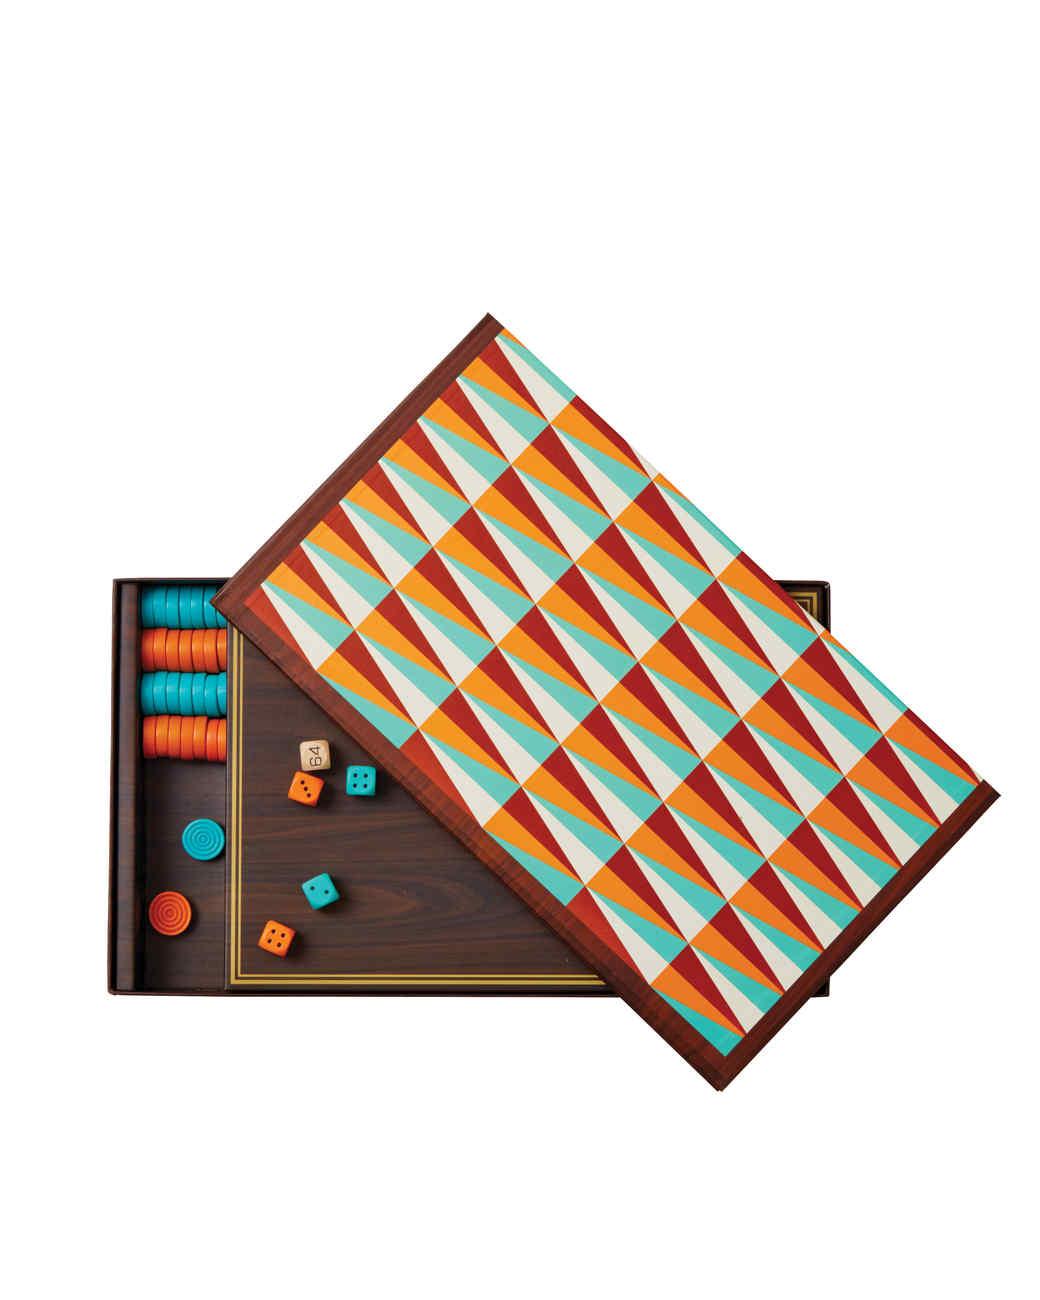 backgammon-3553-d112774-l-0416.jpg